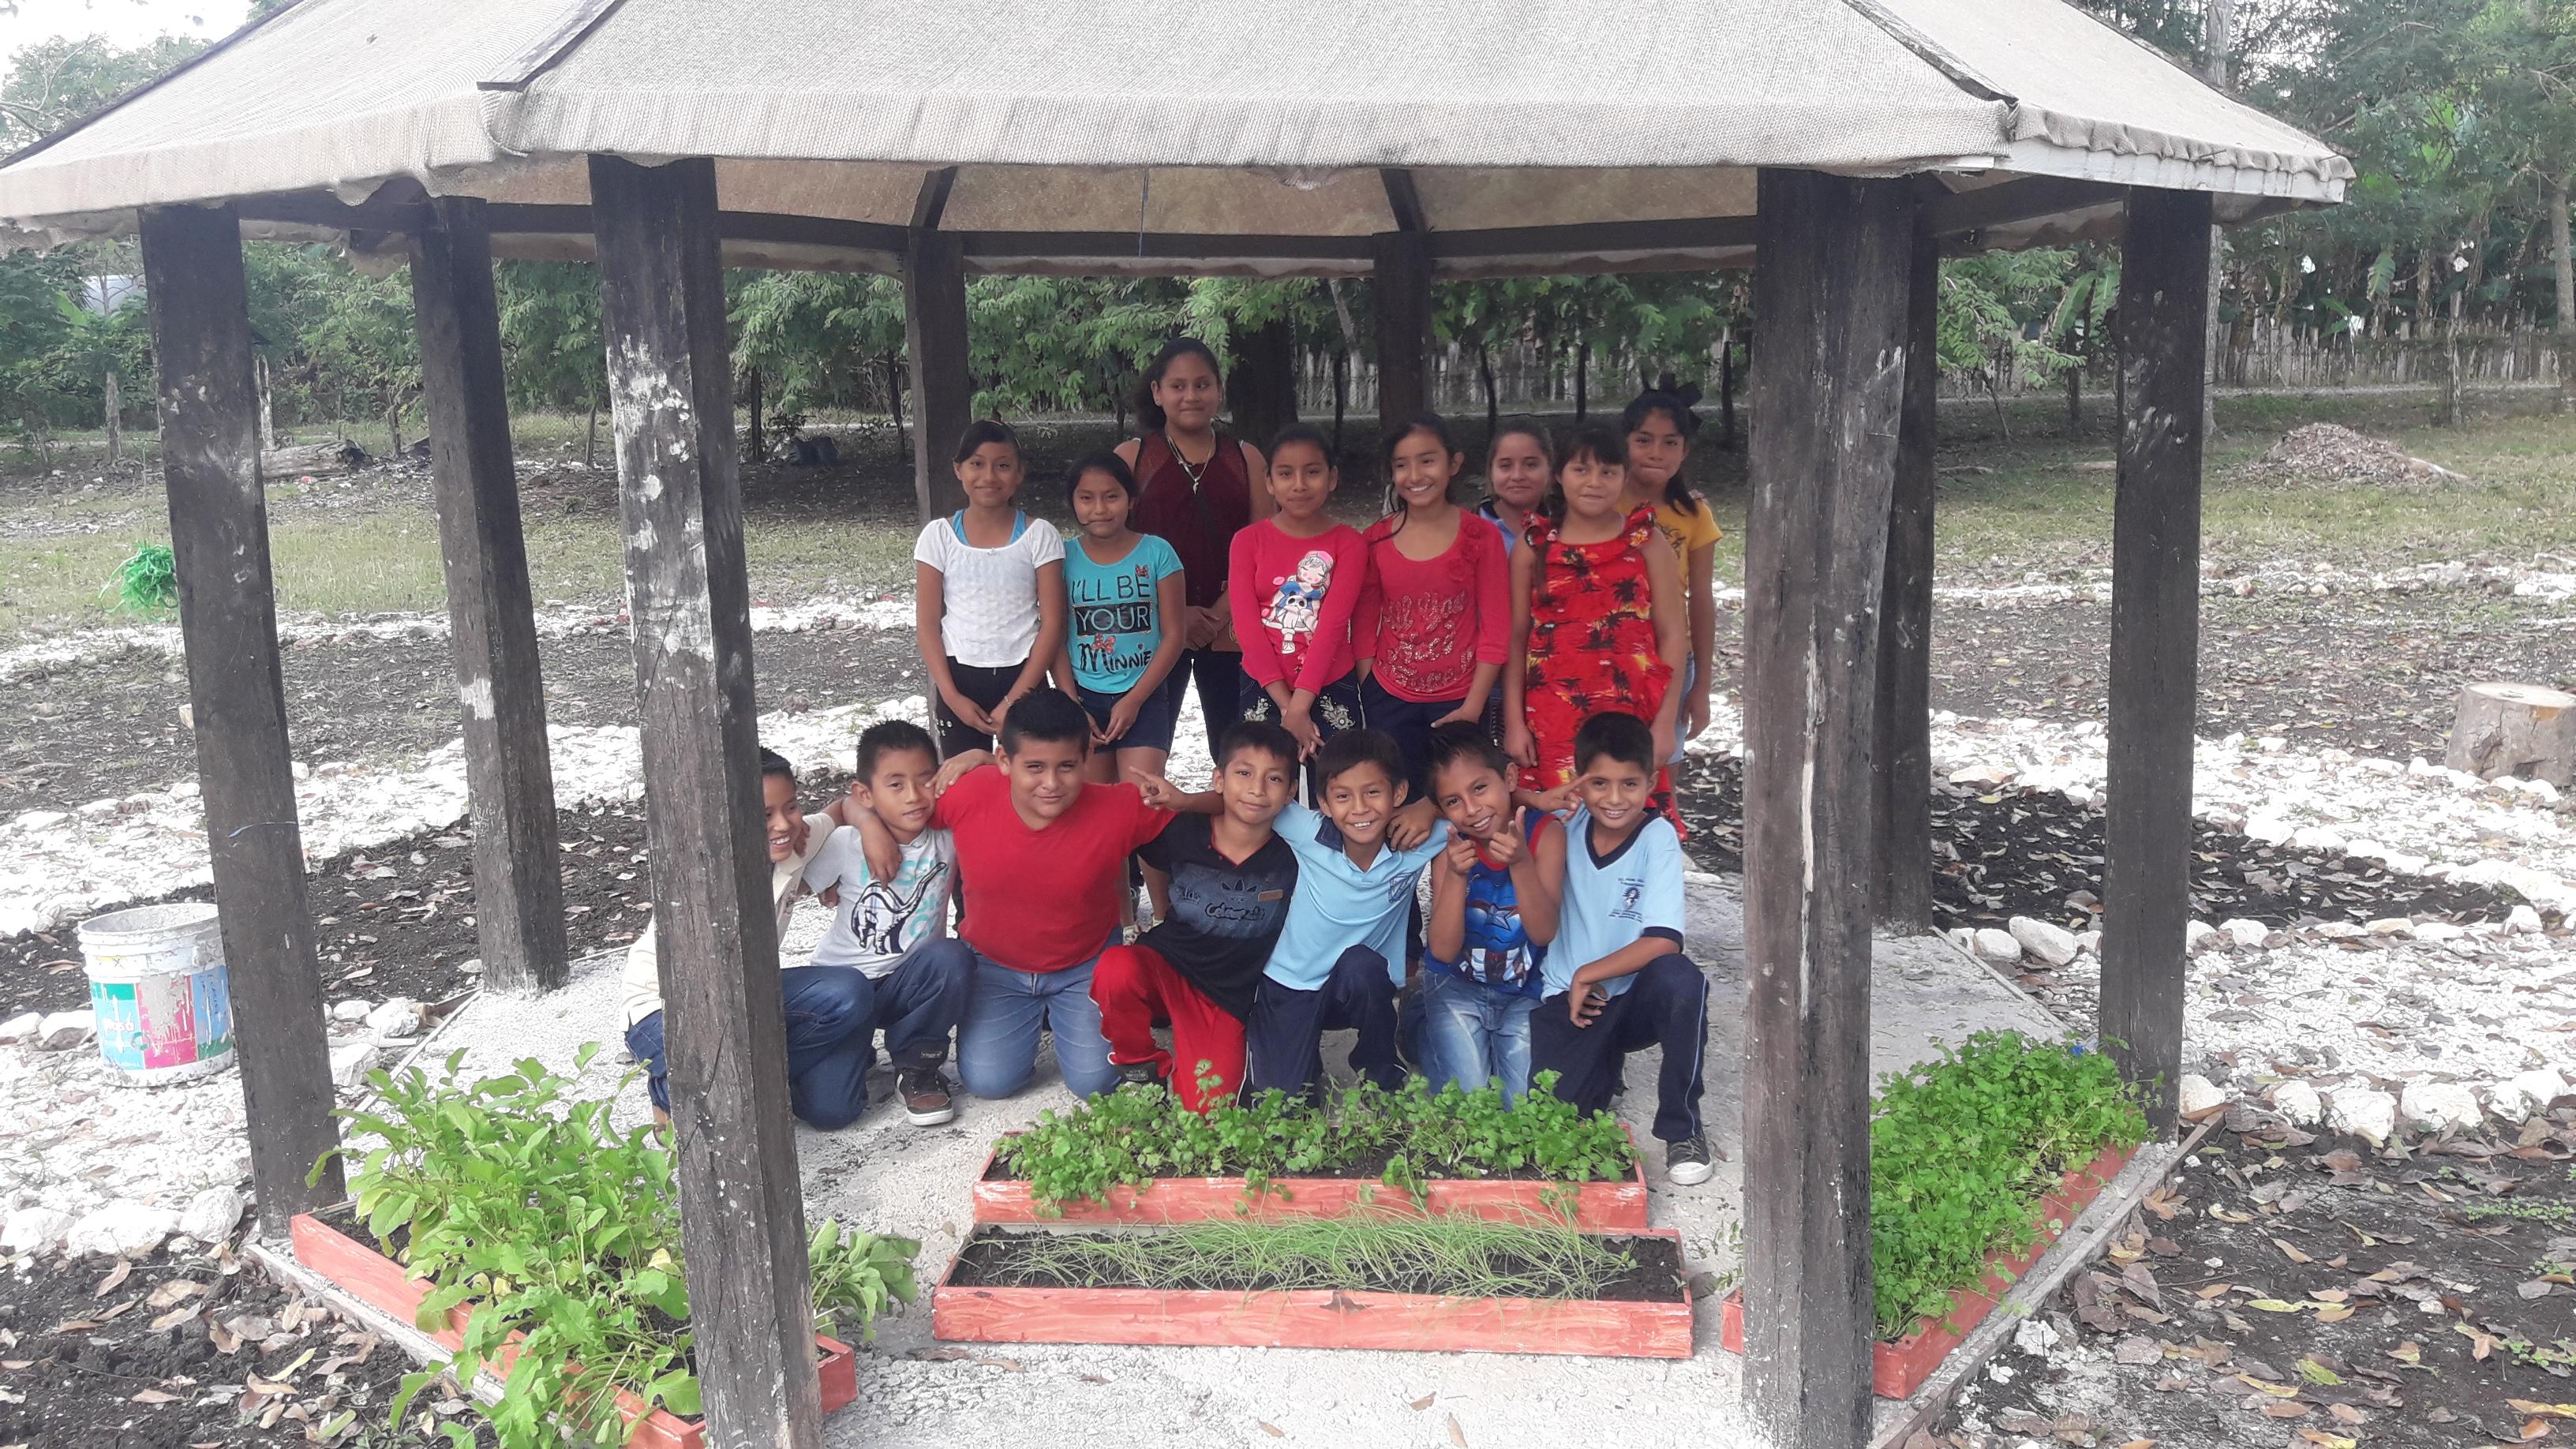 Fotografía del equipo ganador con el proyecto: Jardin ambiental